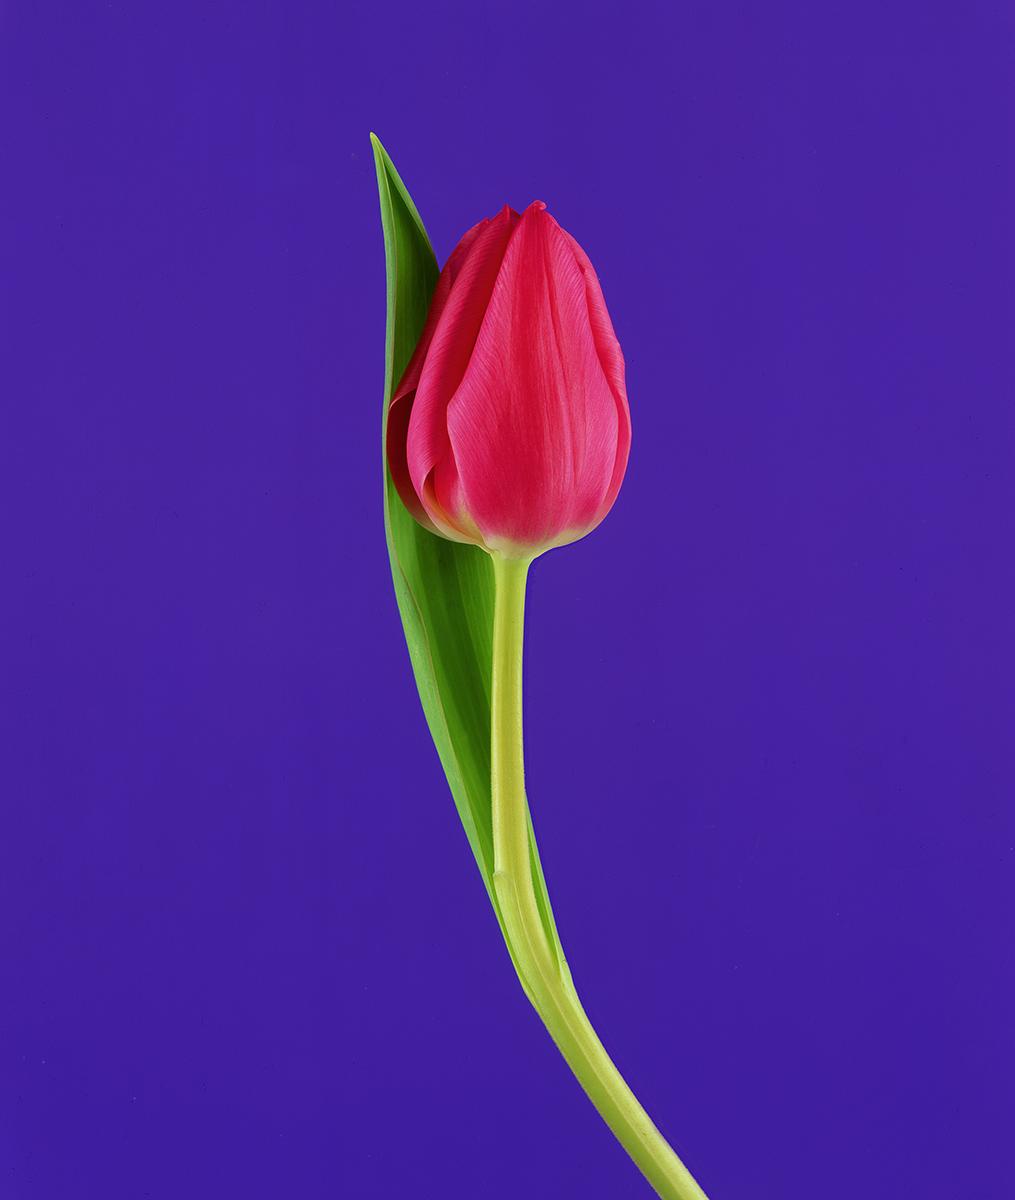 tulip sharp .jpg